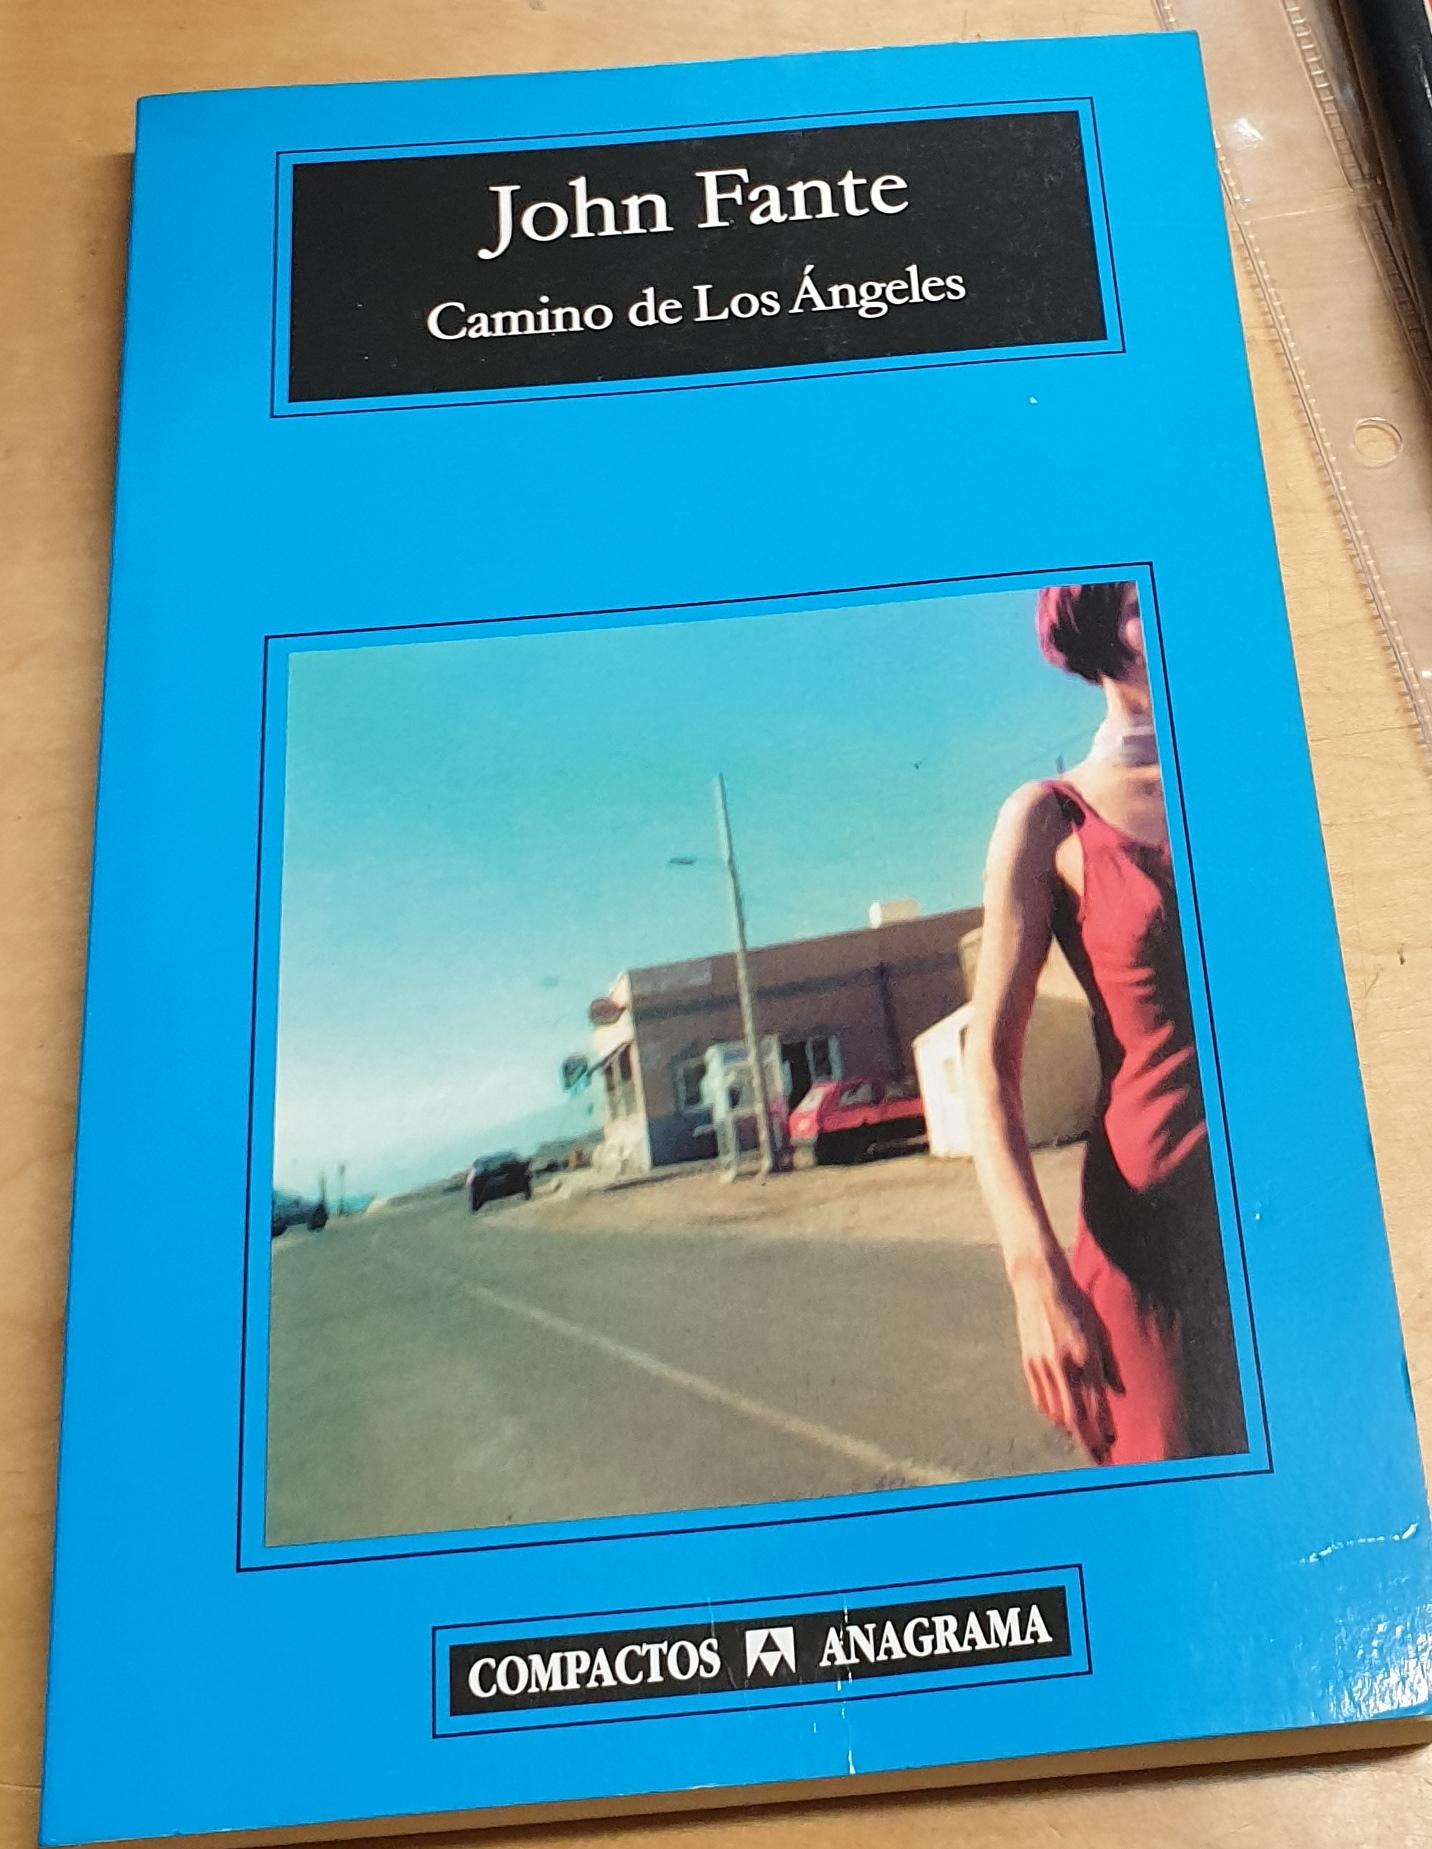 Camino de Los Ángeles. Traducción Antonio-Prometeo Moya - FANTE, JOHN